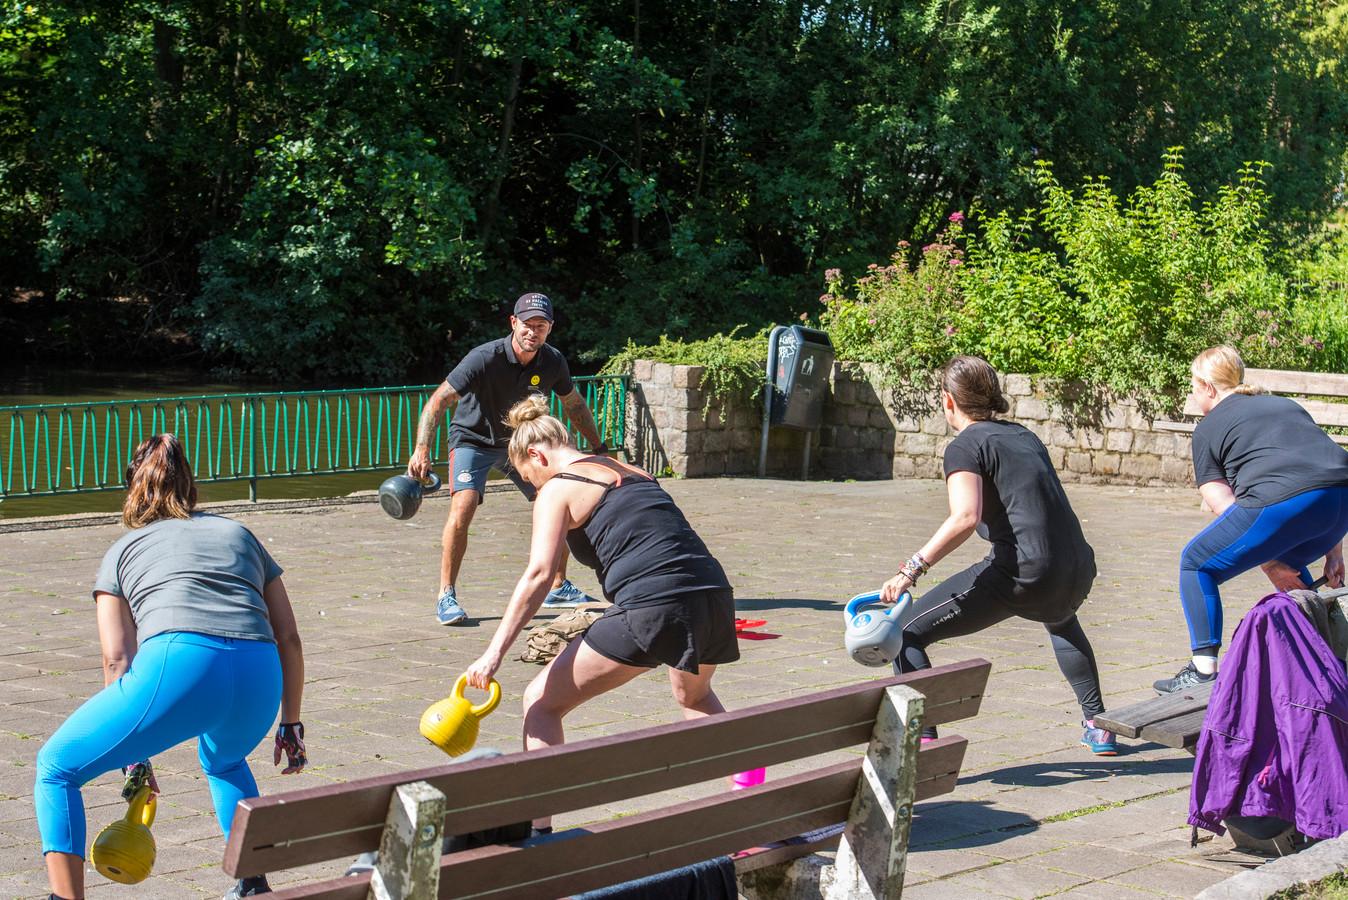 EINDHOVEN ED2020-4969 In de voorbije maanden lijkt het park herontdekt. De groepjes sporters, recreanten, vaste gasten en sympathisanten vechten er om de laatste stukjes gras. In de ochtend is het enorm druk met sportclubjes.